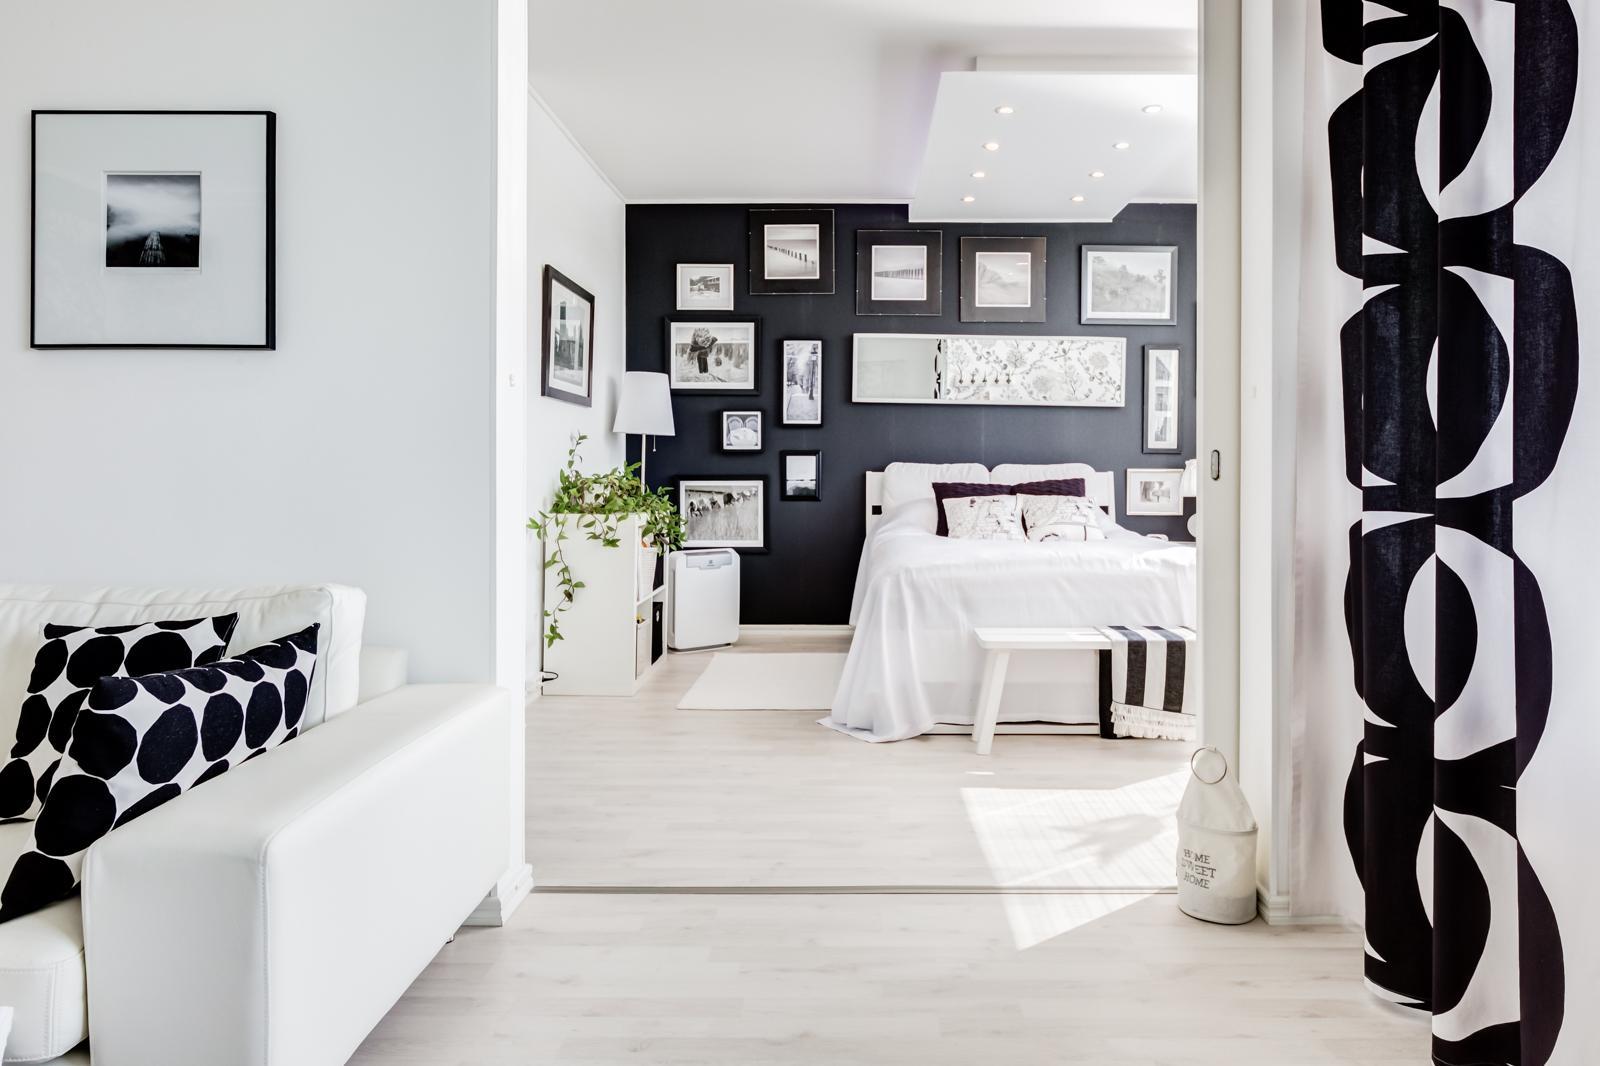 mustavalkoinen sisustus makuuhuoneessa